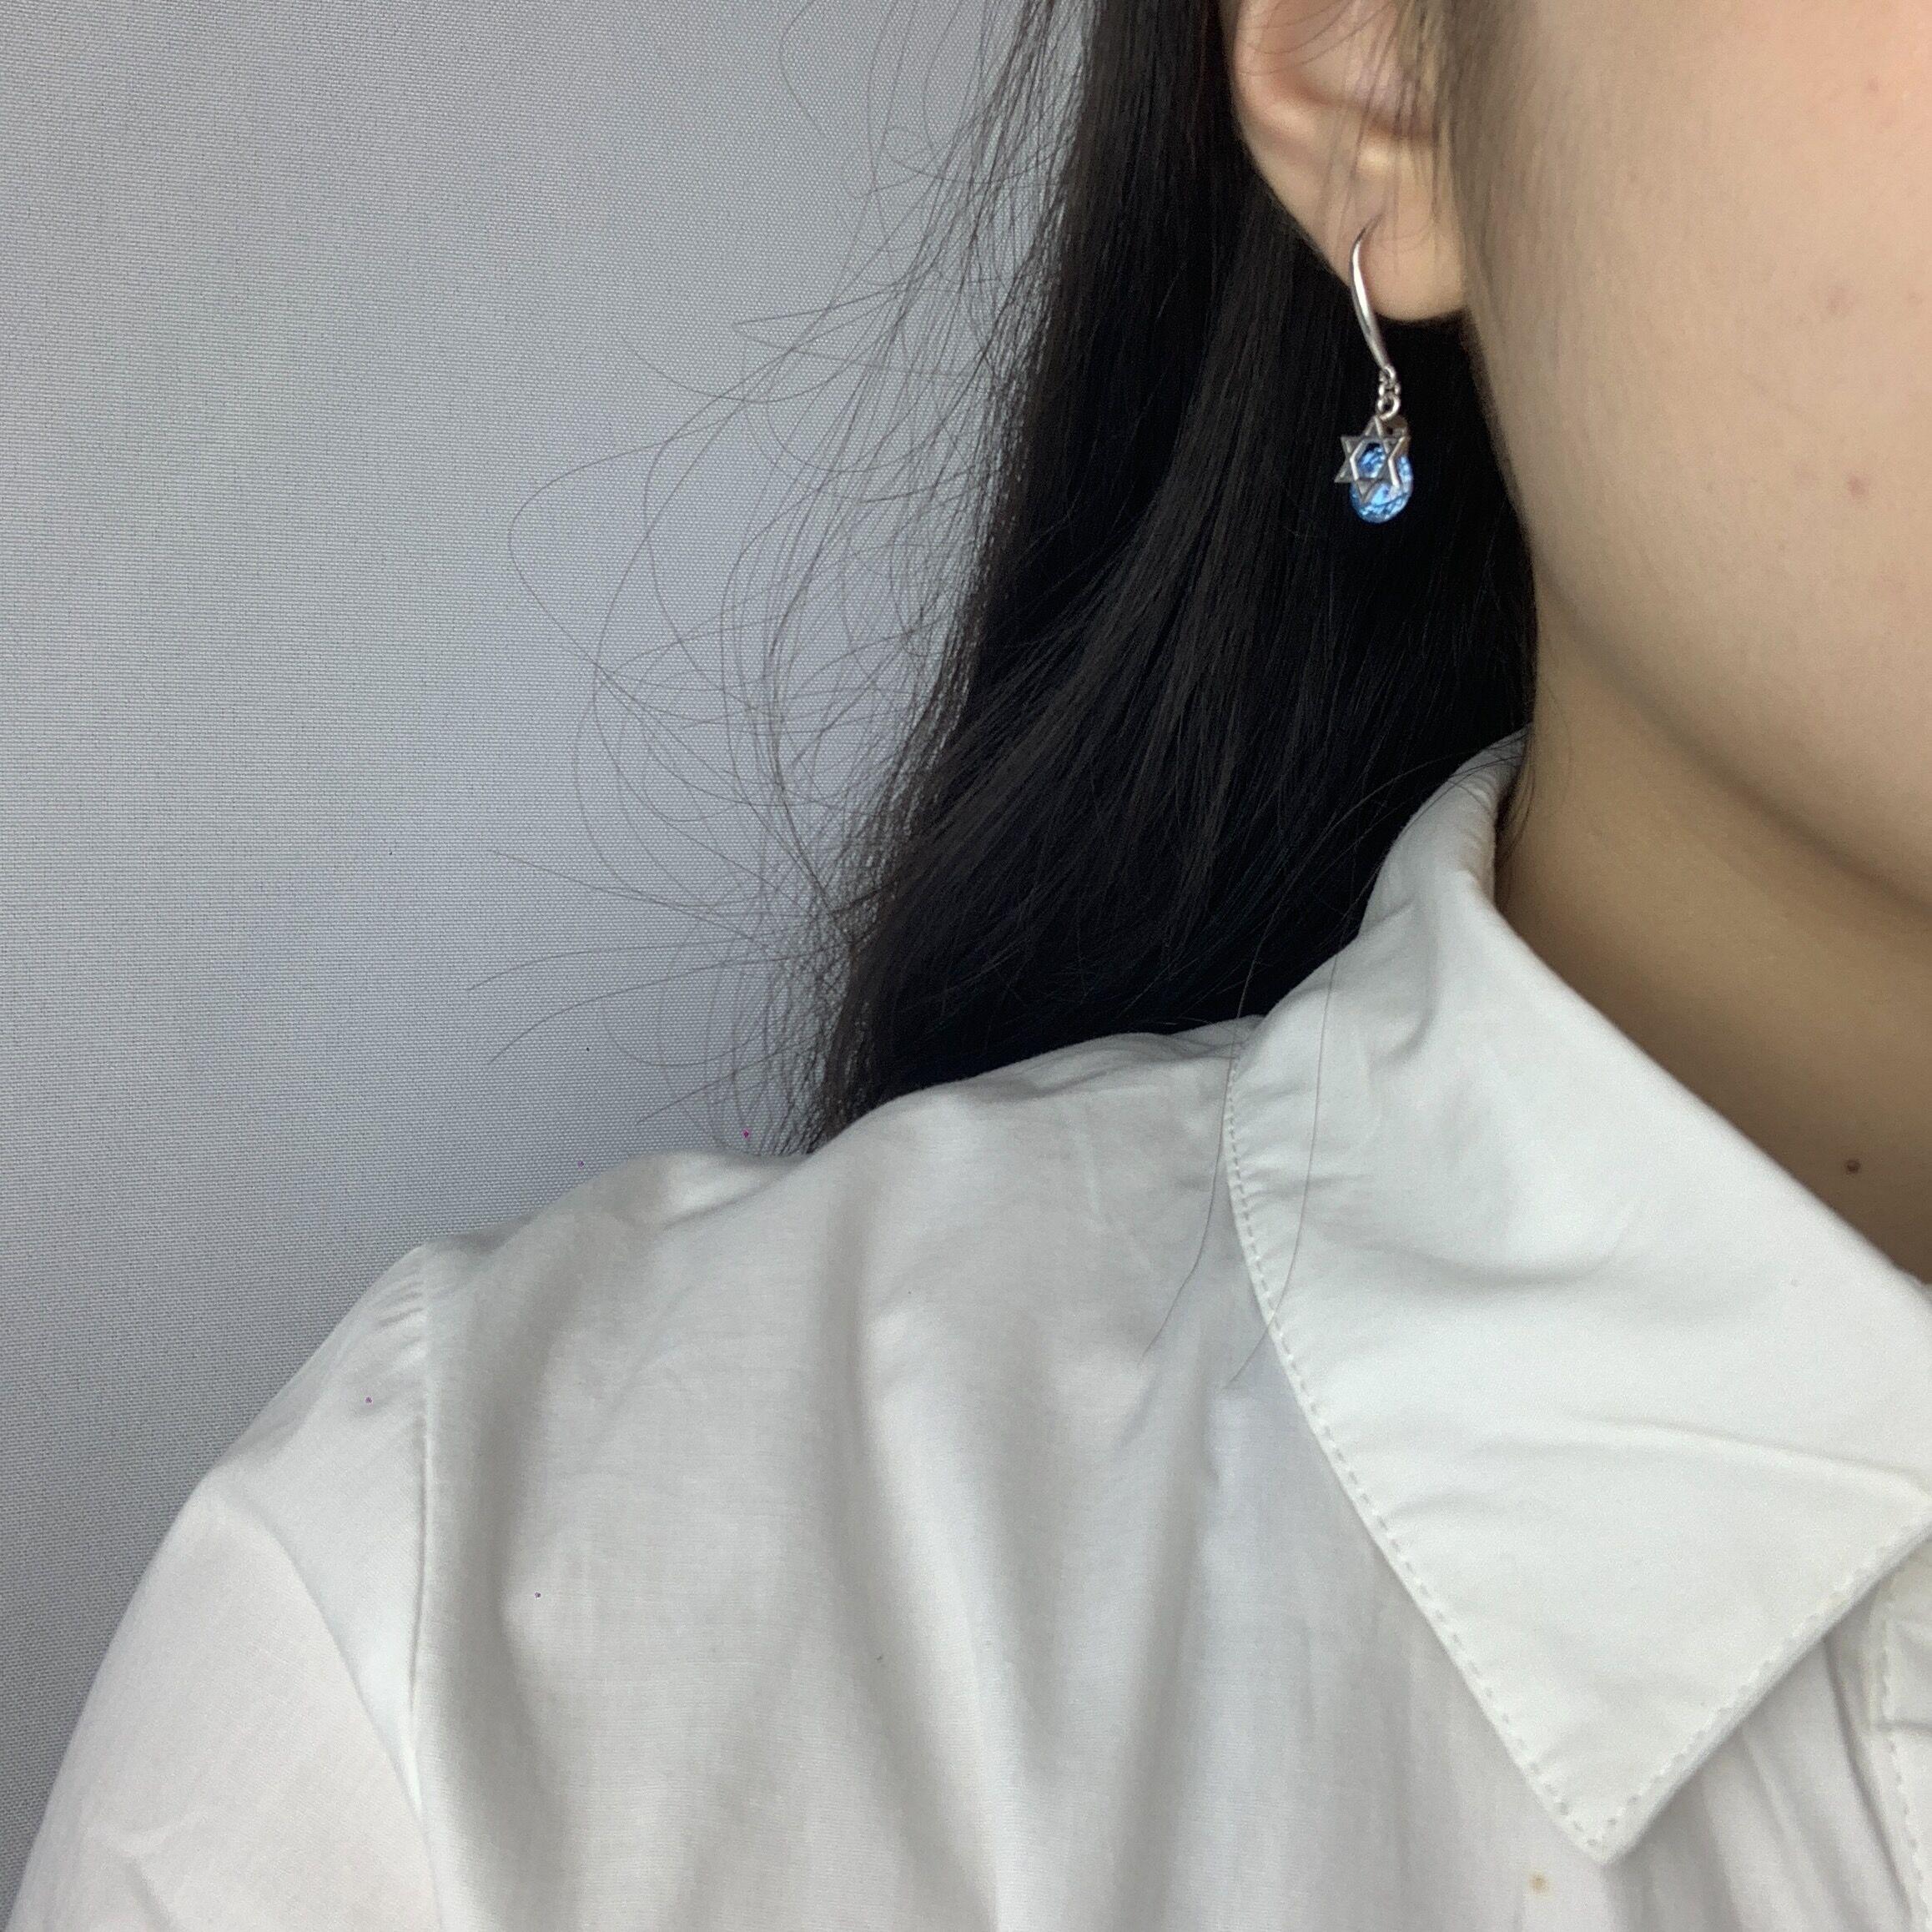 星星耳钉蓝宝石光耳环女学生耳饰青春简约甜美风设计2021新款饰品